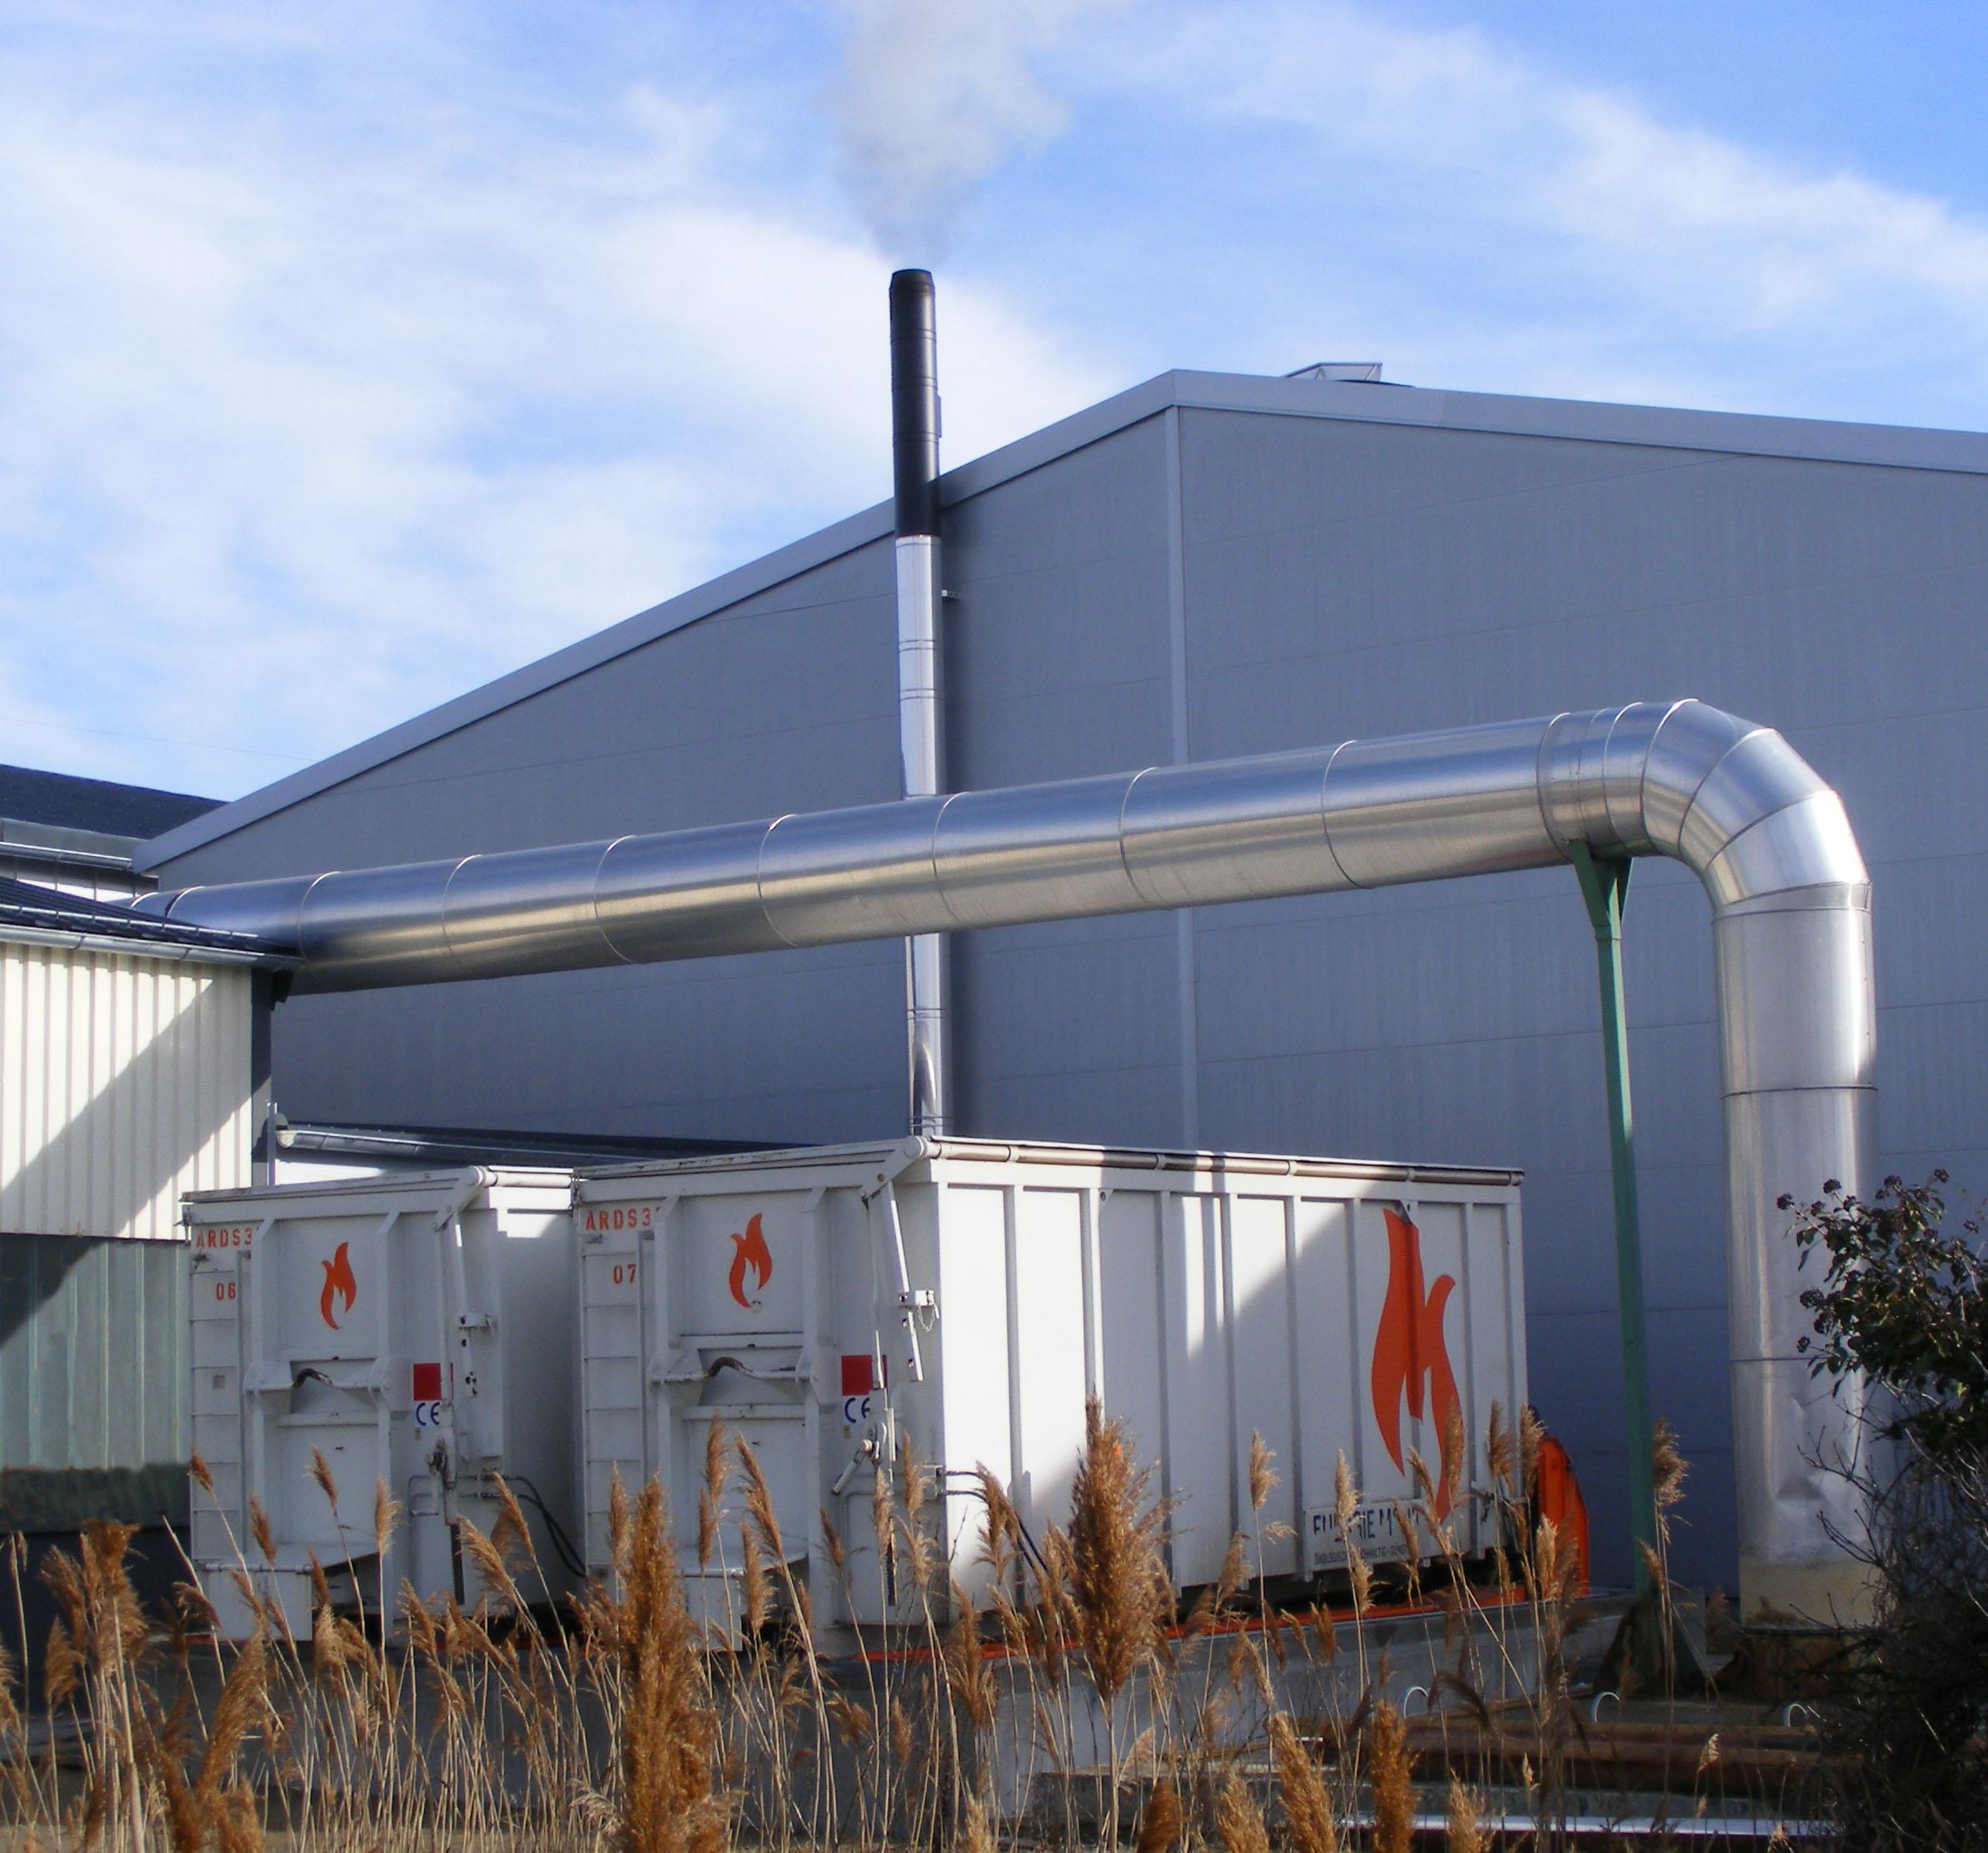 Nw leidenfrost pool gmbh eggenburg energie mobil for Leidenfrost pool